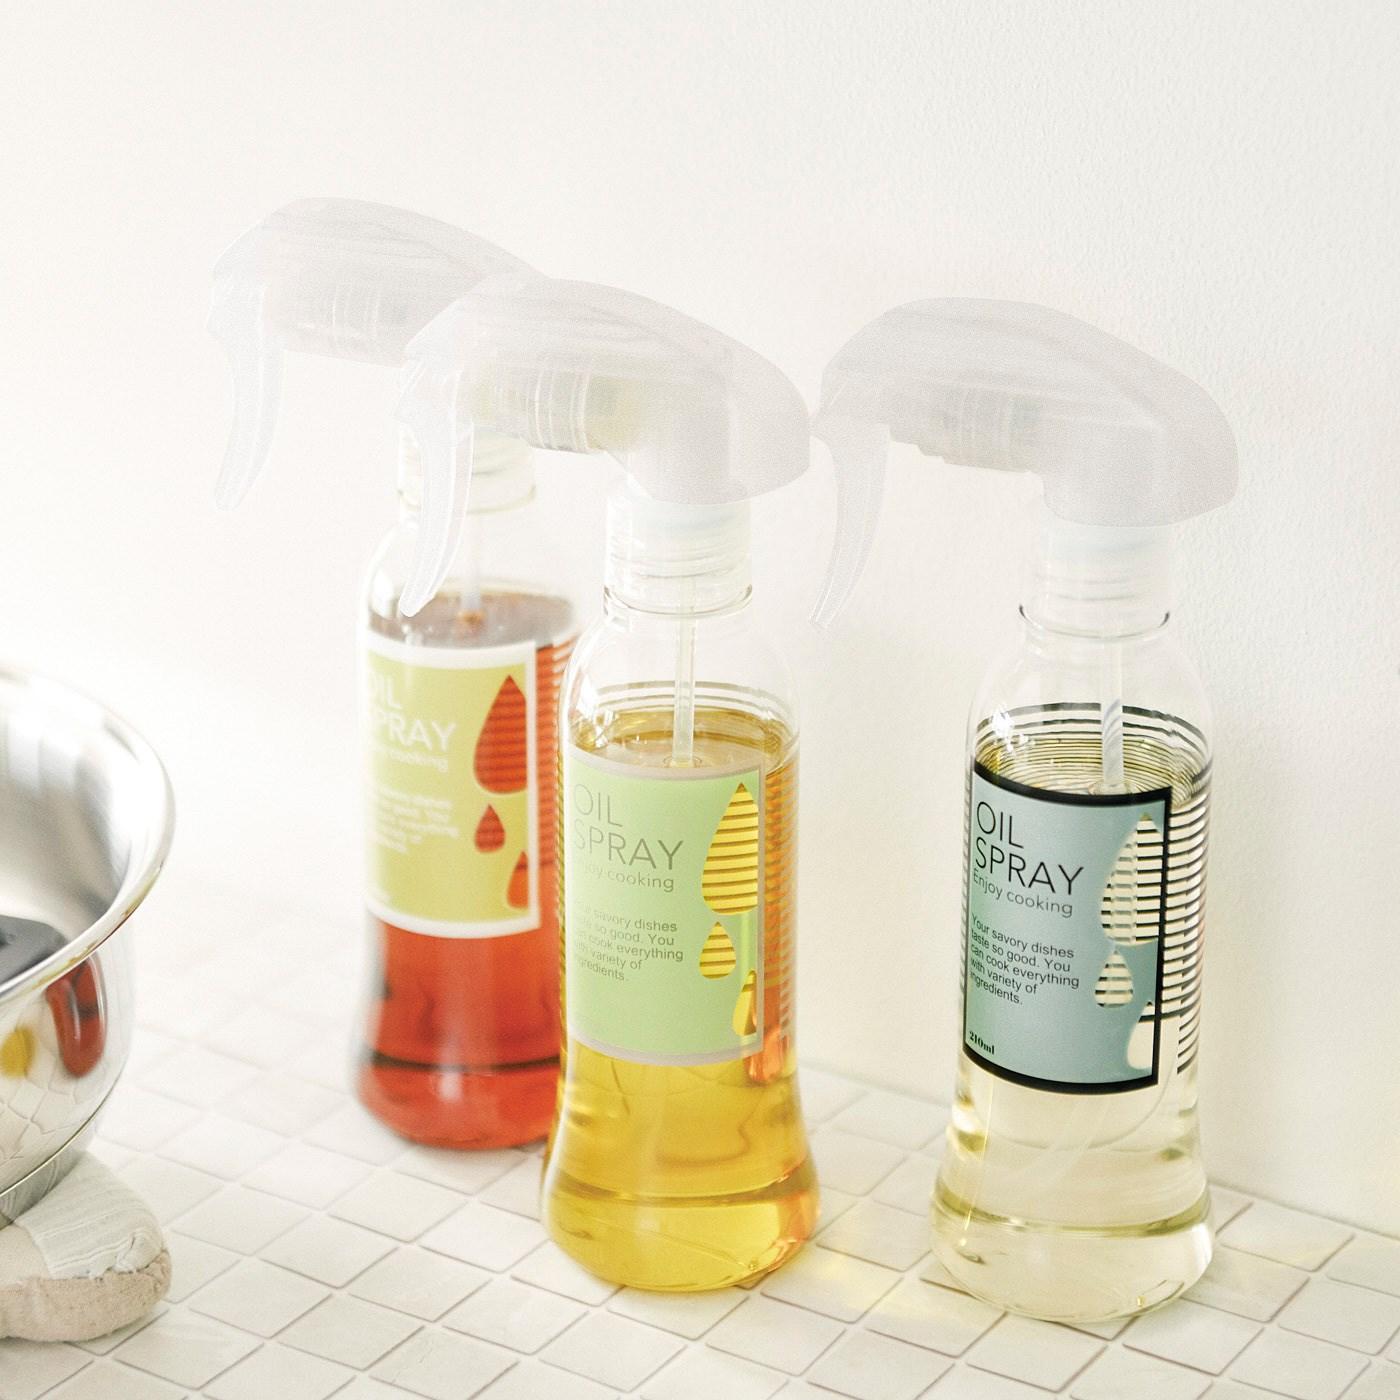 サラダ油やオリーブオイル、ごま油など3種類の油を並べておくととても便利です。